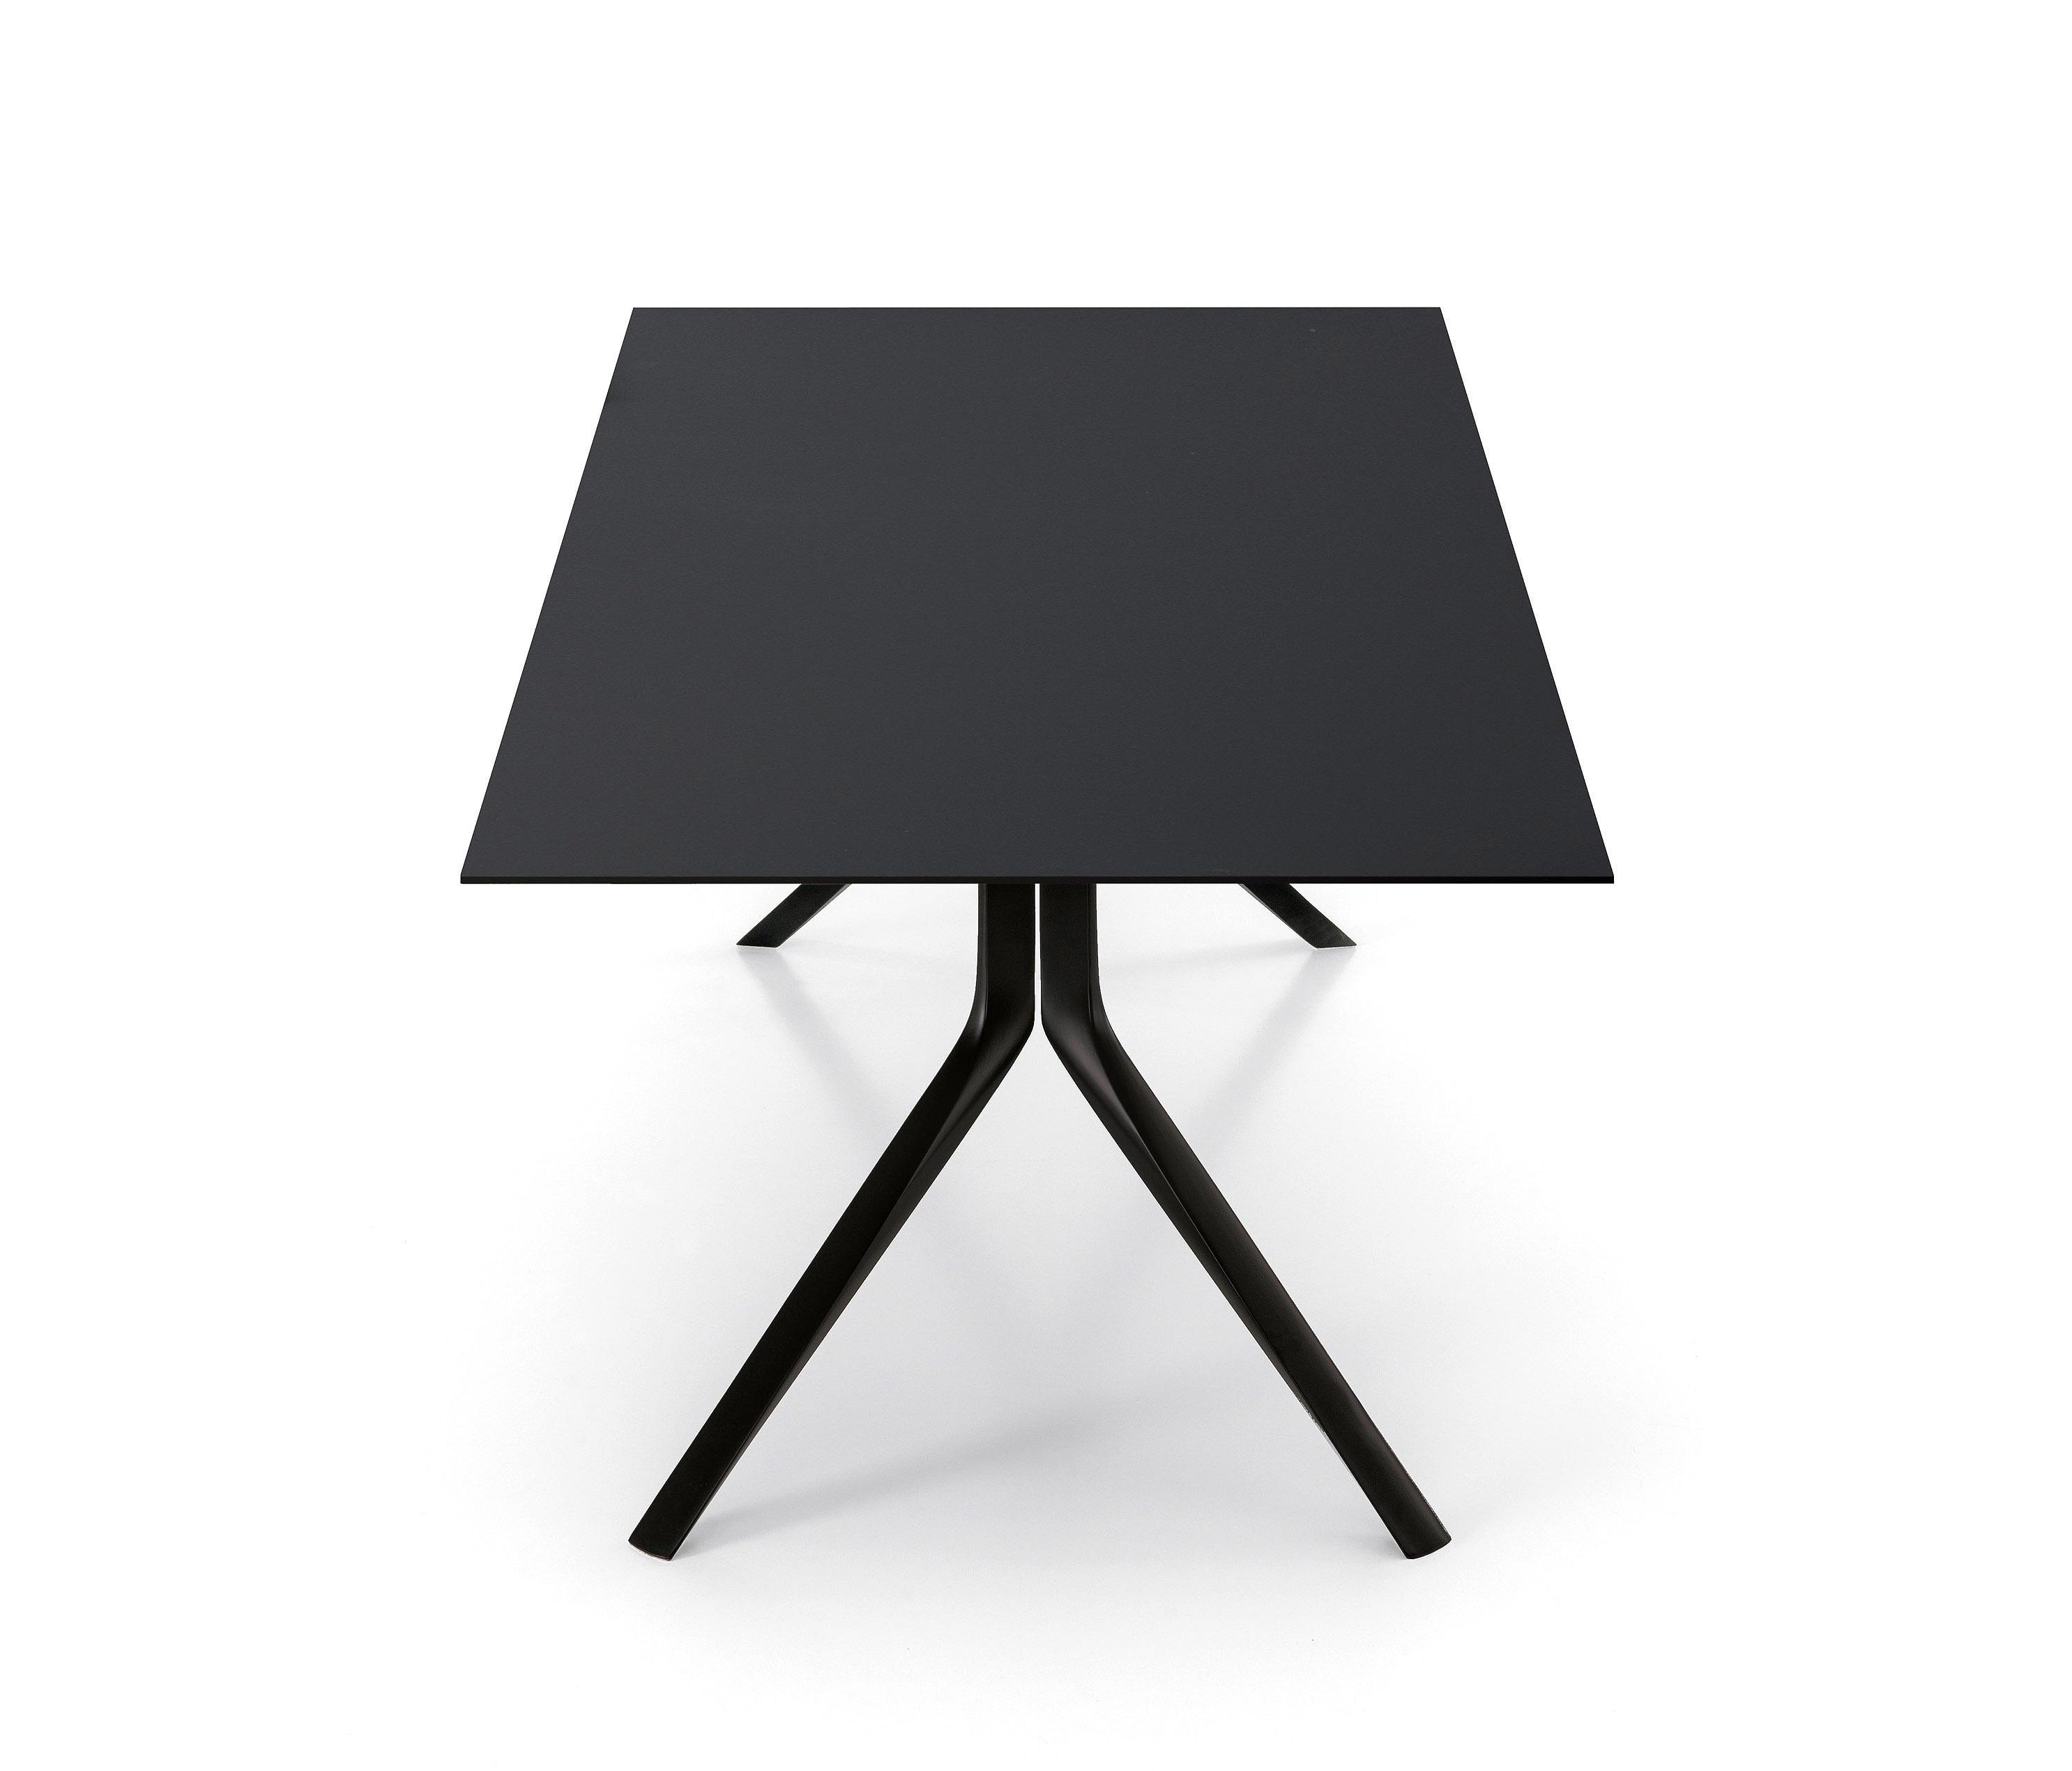 oops tisch restauranttische von kristalia architonic. Black Bedroom Furniture Sets. Home Design Ideas